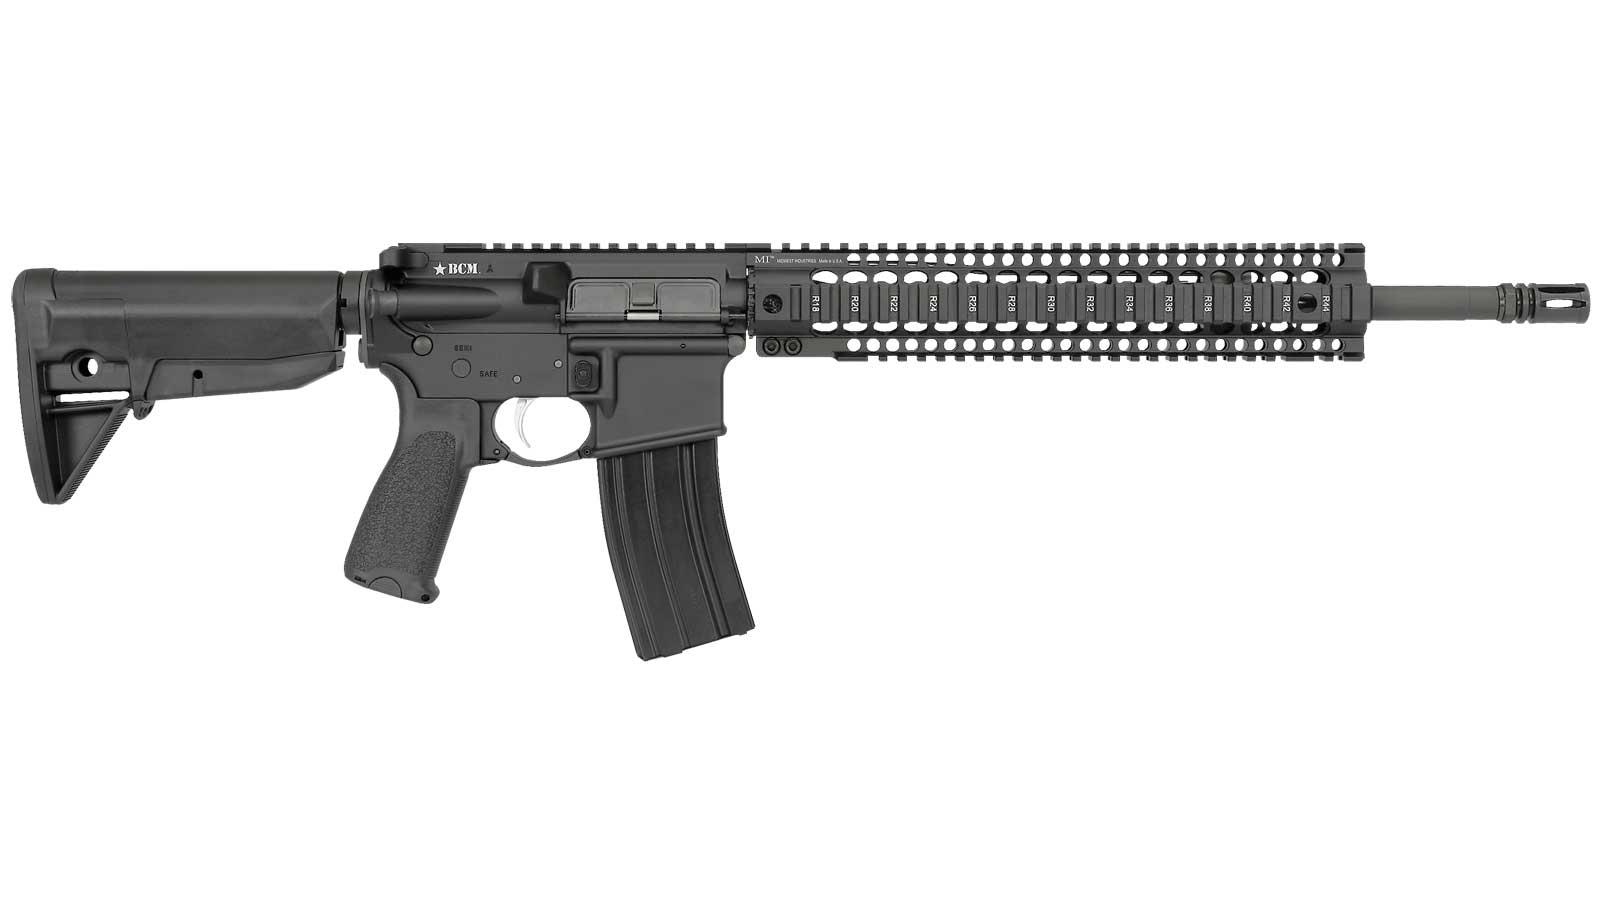 Bravo Company RECCE 16 Black 5.56 | .223 Rem 16-inch 30Rds